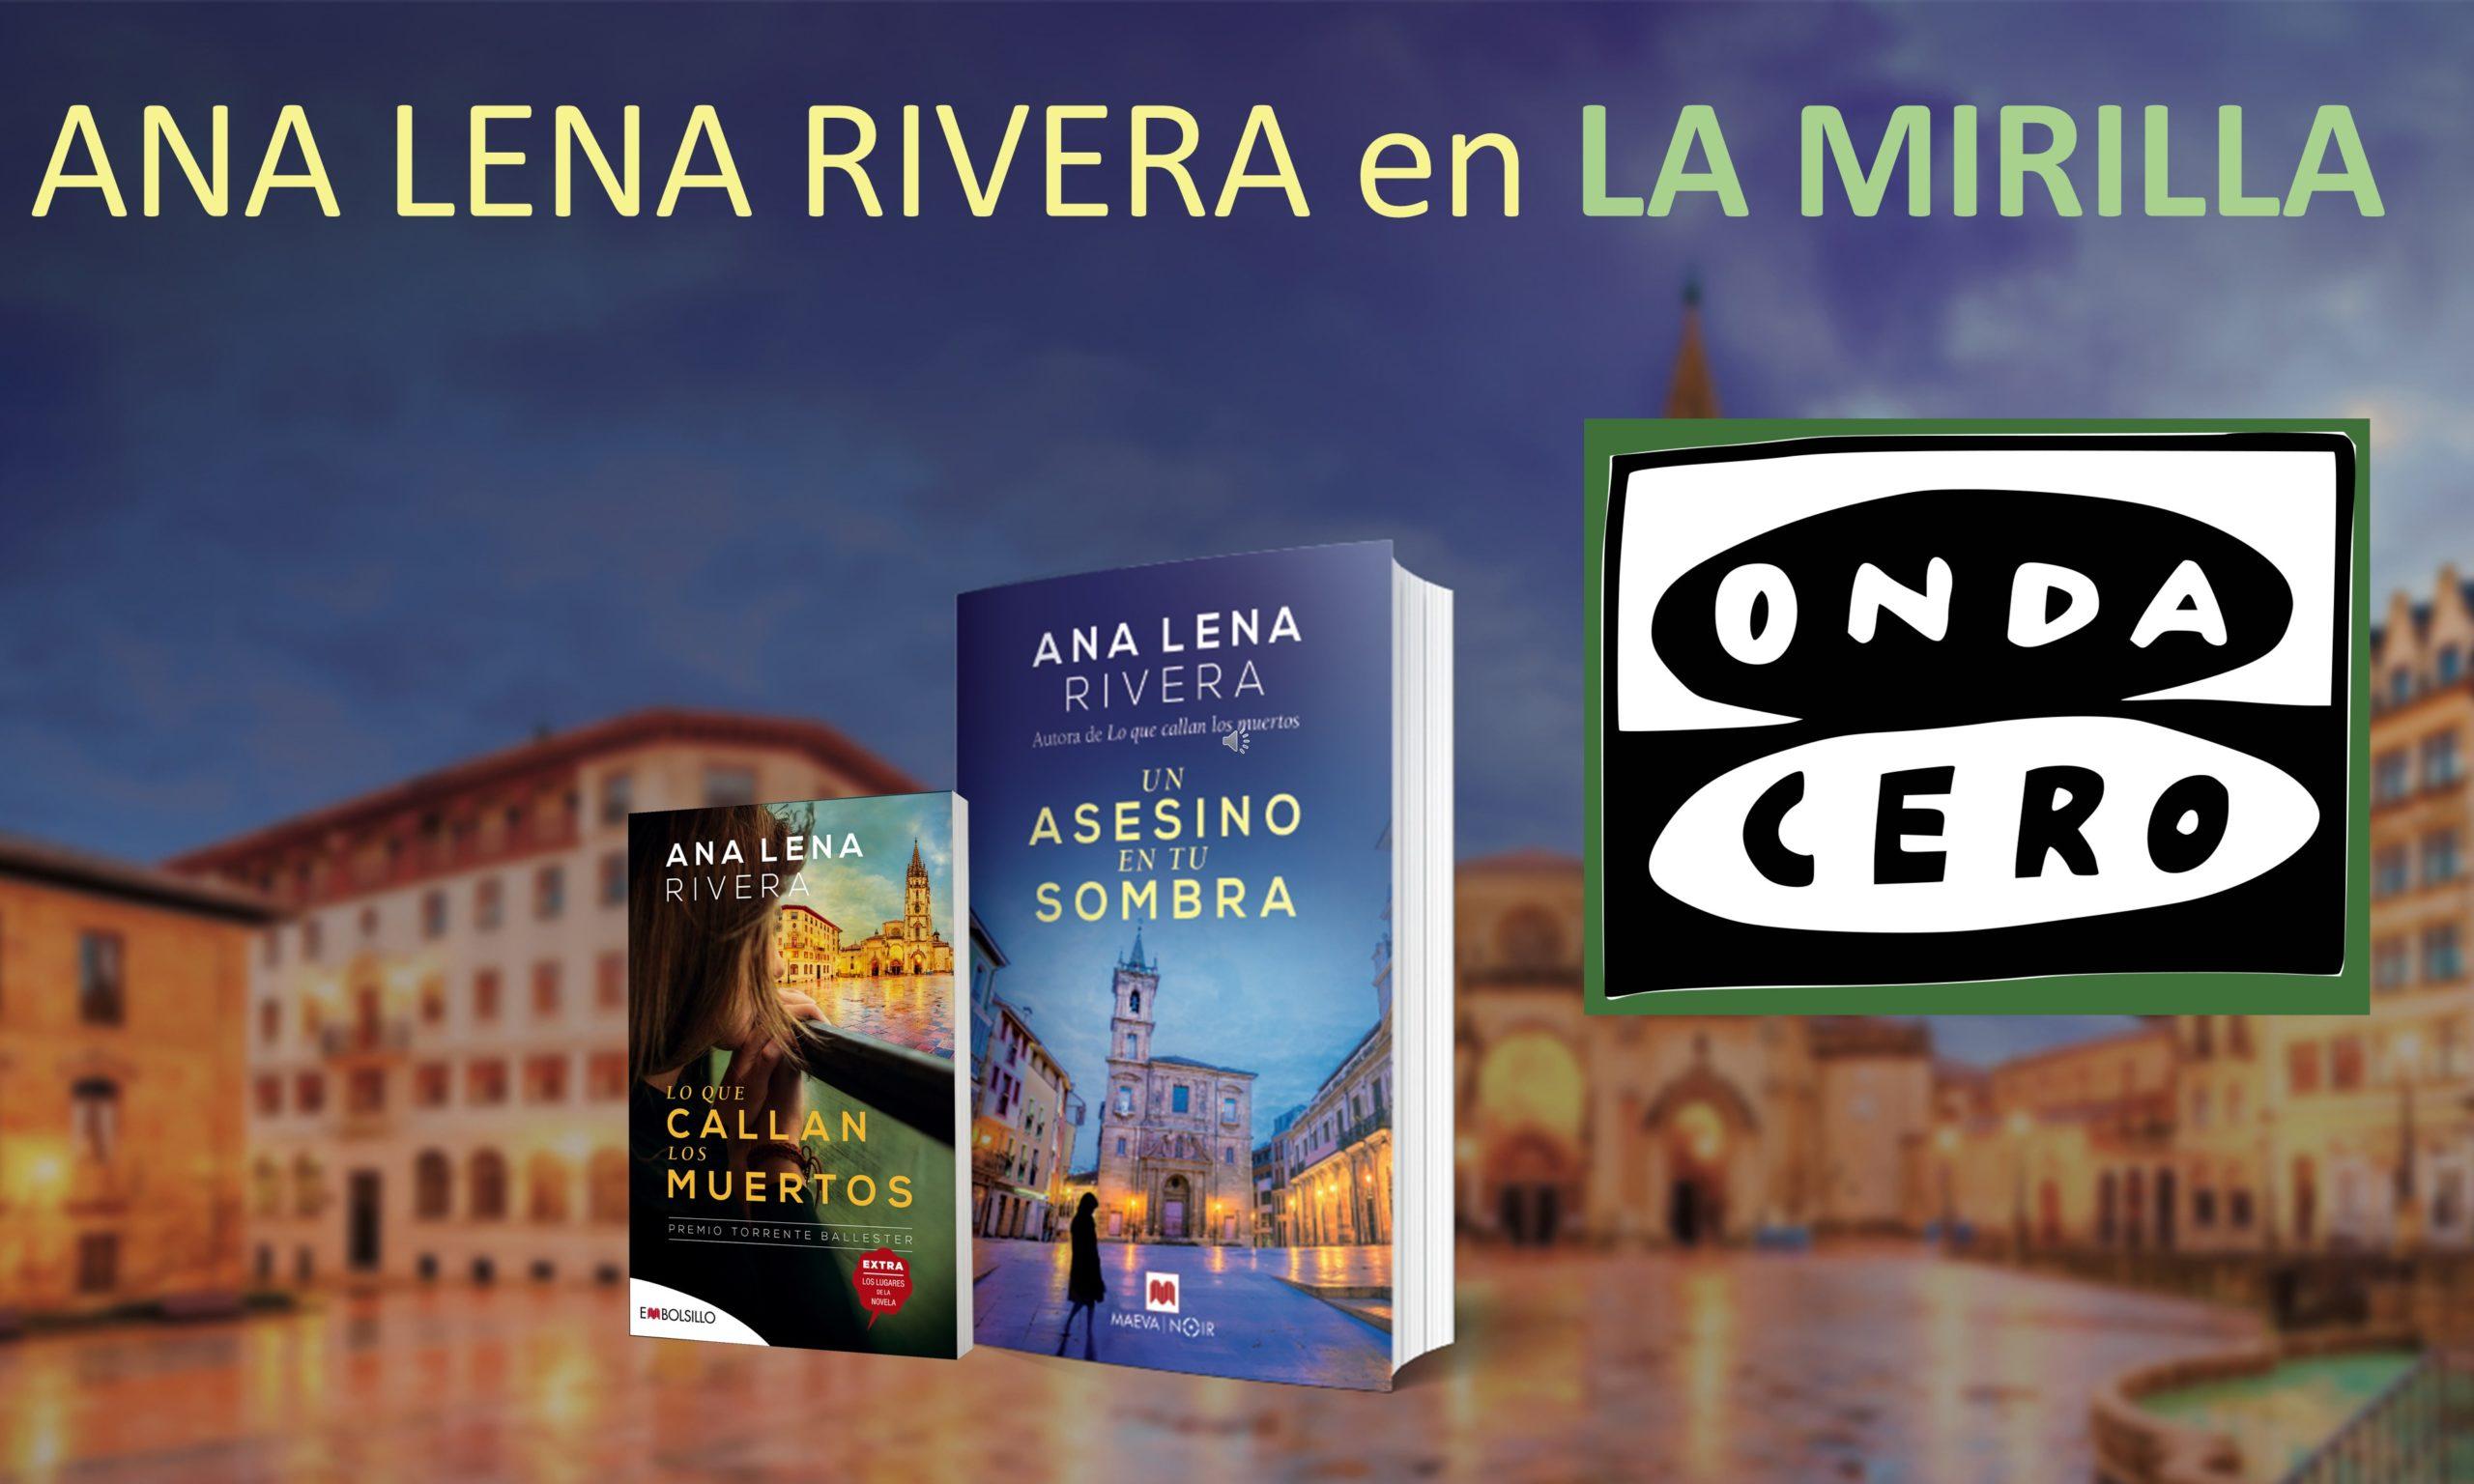 Entrevista en La Mirilla Onda Cero con Raquel Sánchez. 05/04/2020